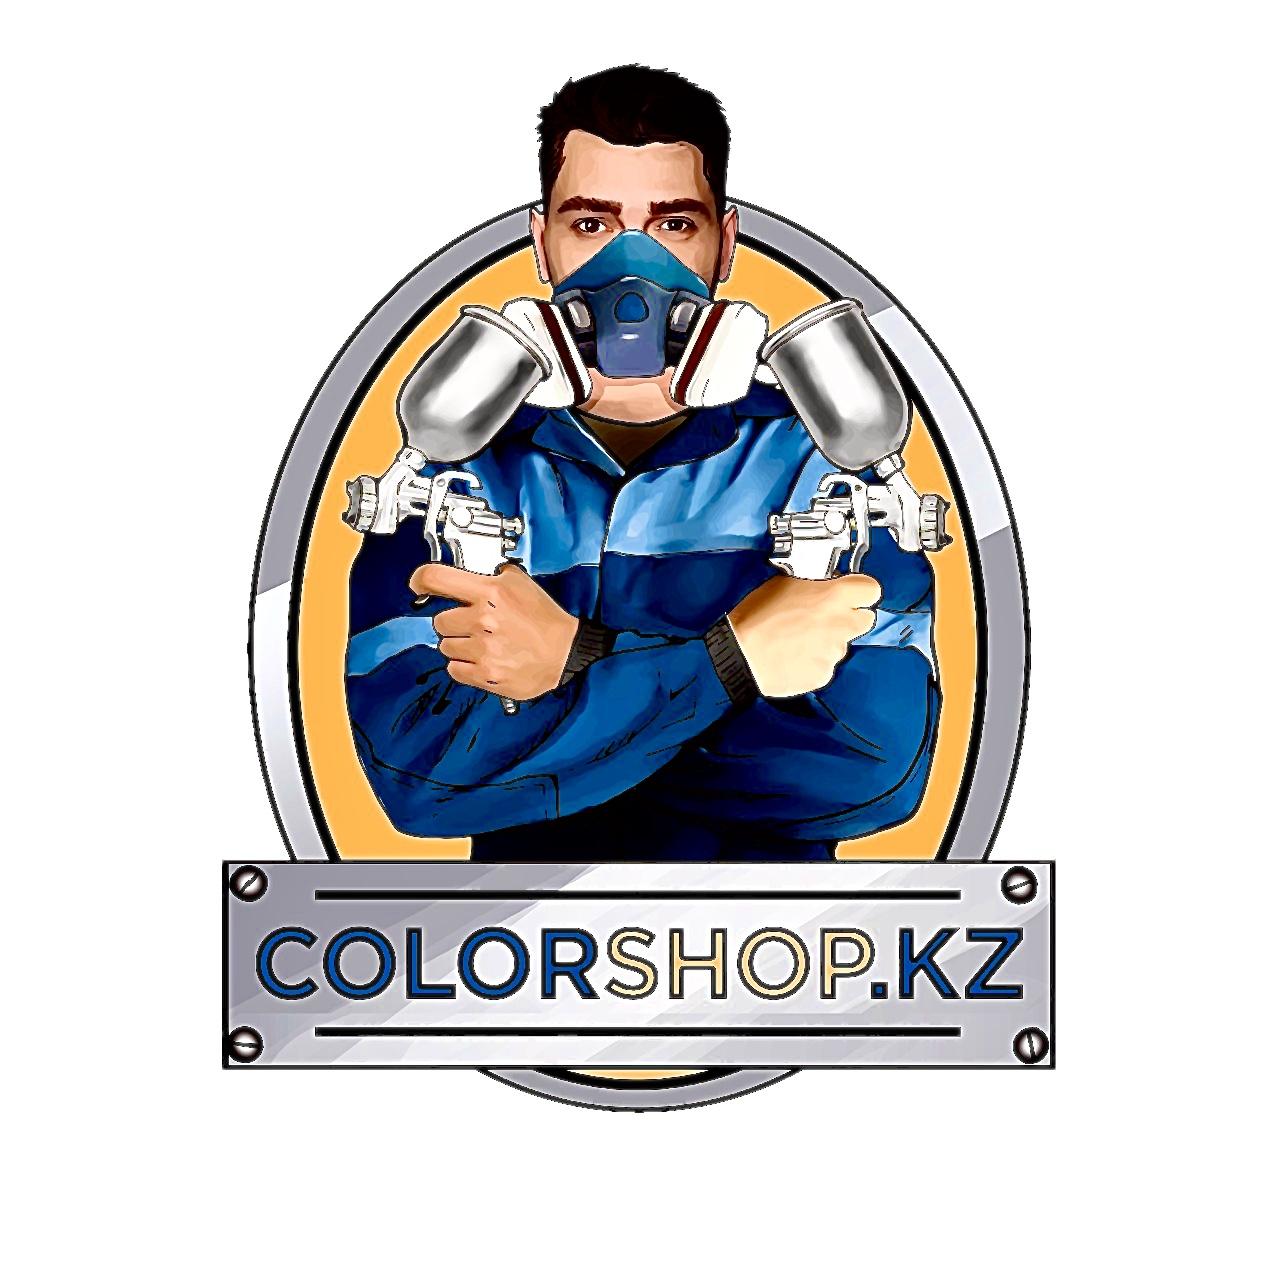 COLORSHOP.KZ